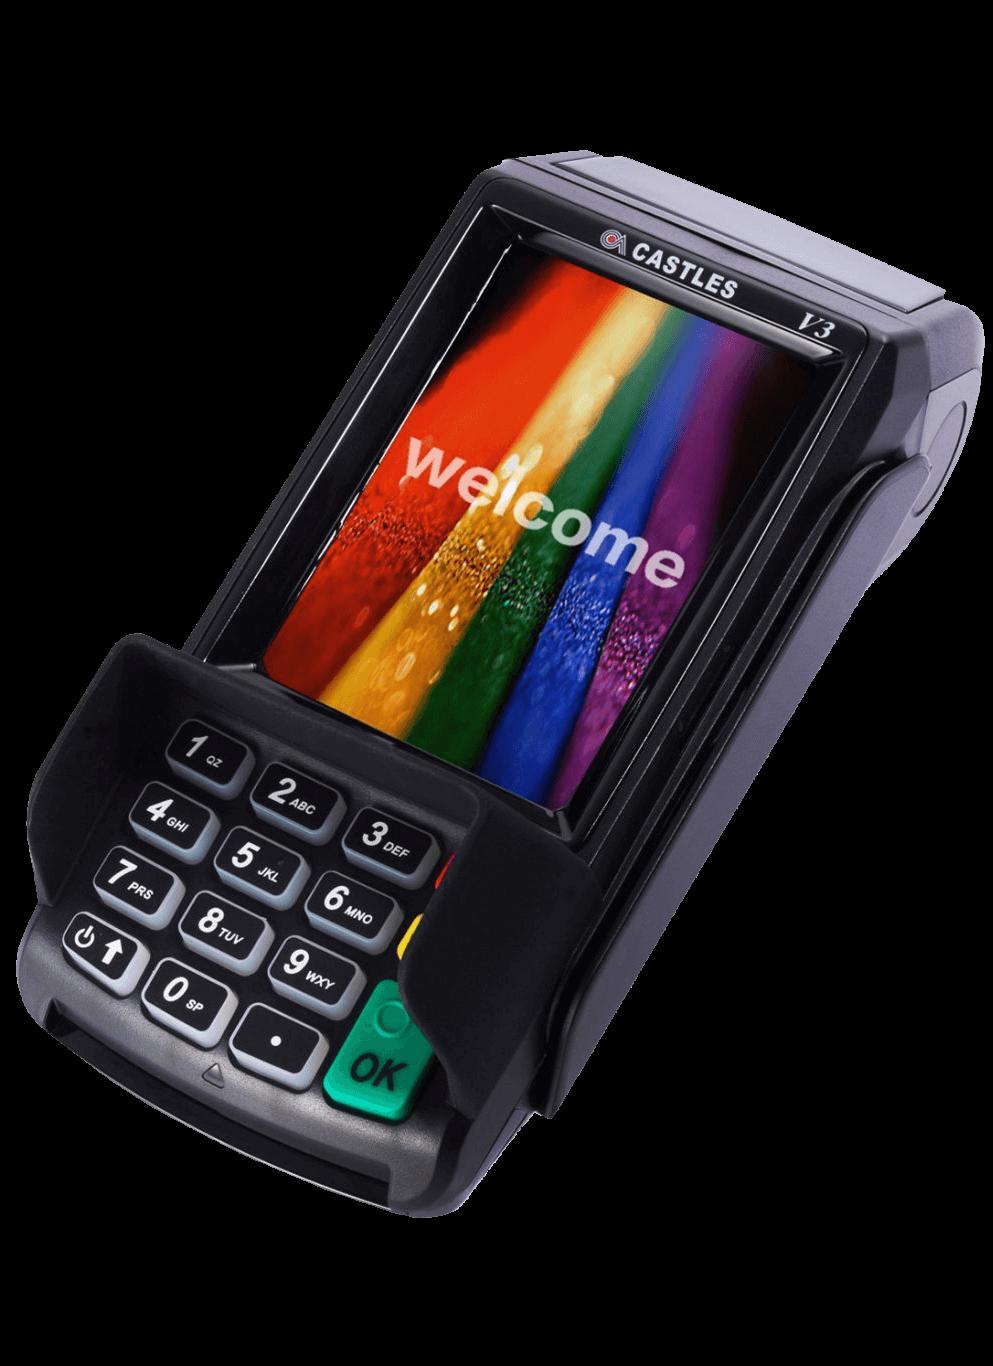 Vega3000 Mobile